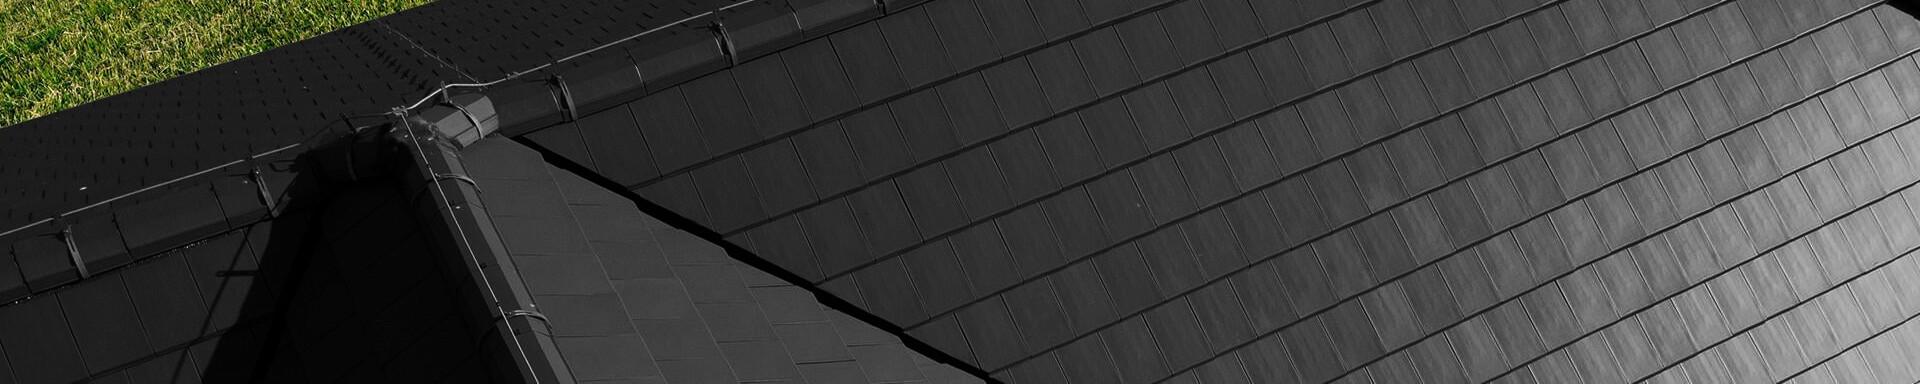 Płaskie dachówki ceramiczne – nowoczesne i funkcjonalne